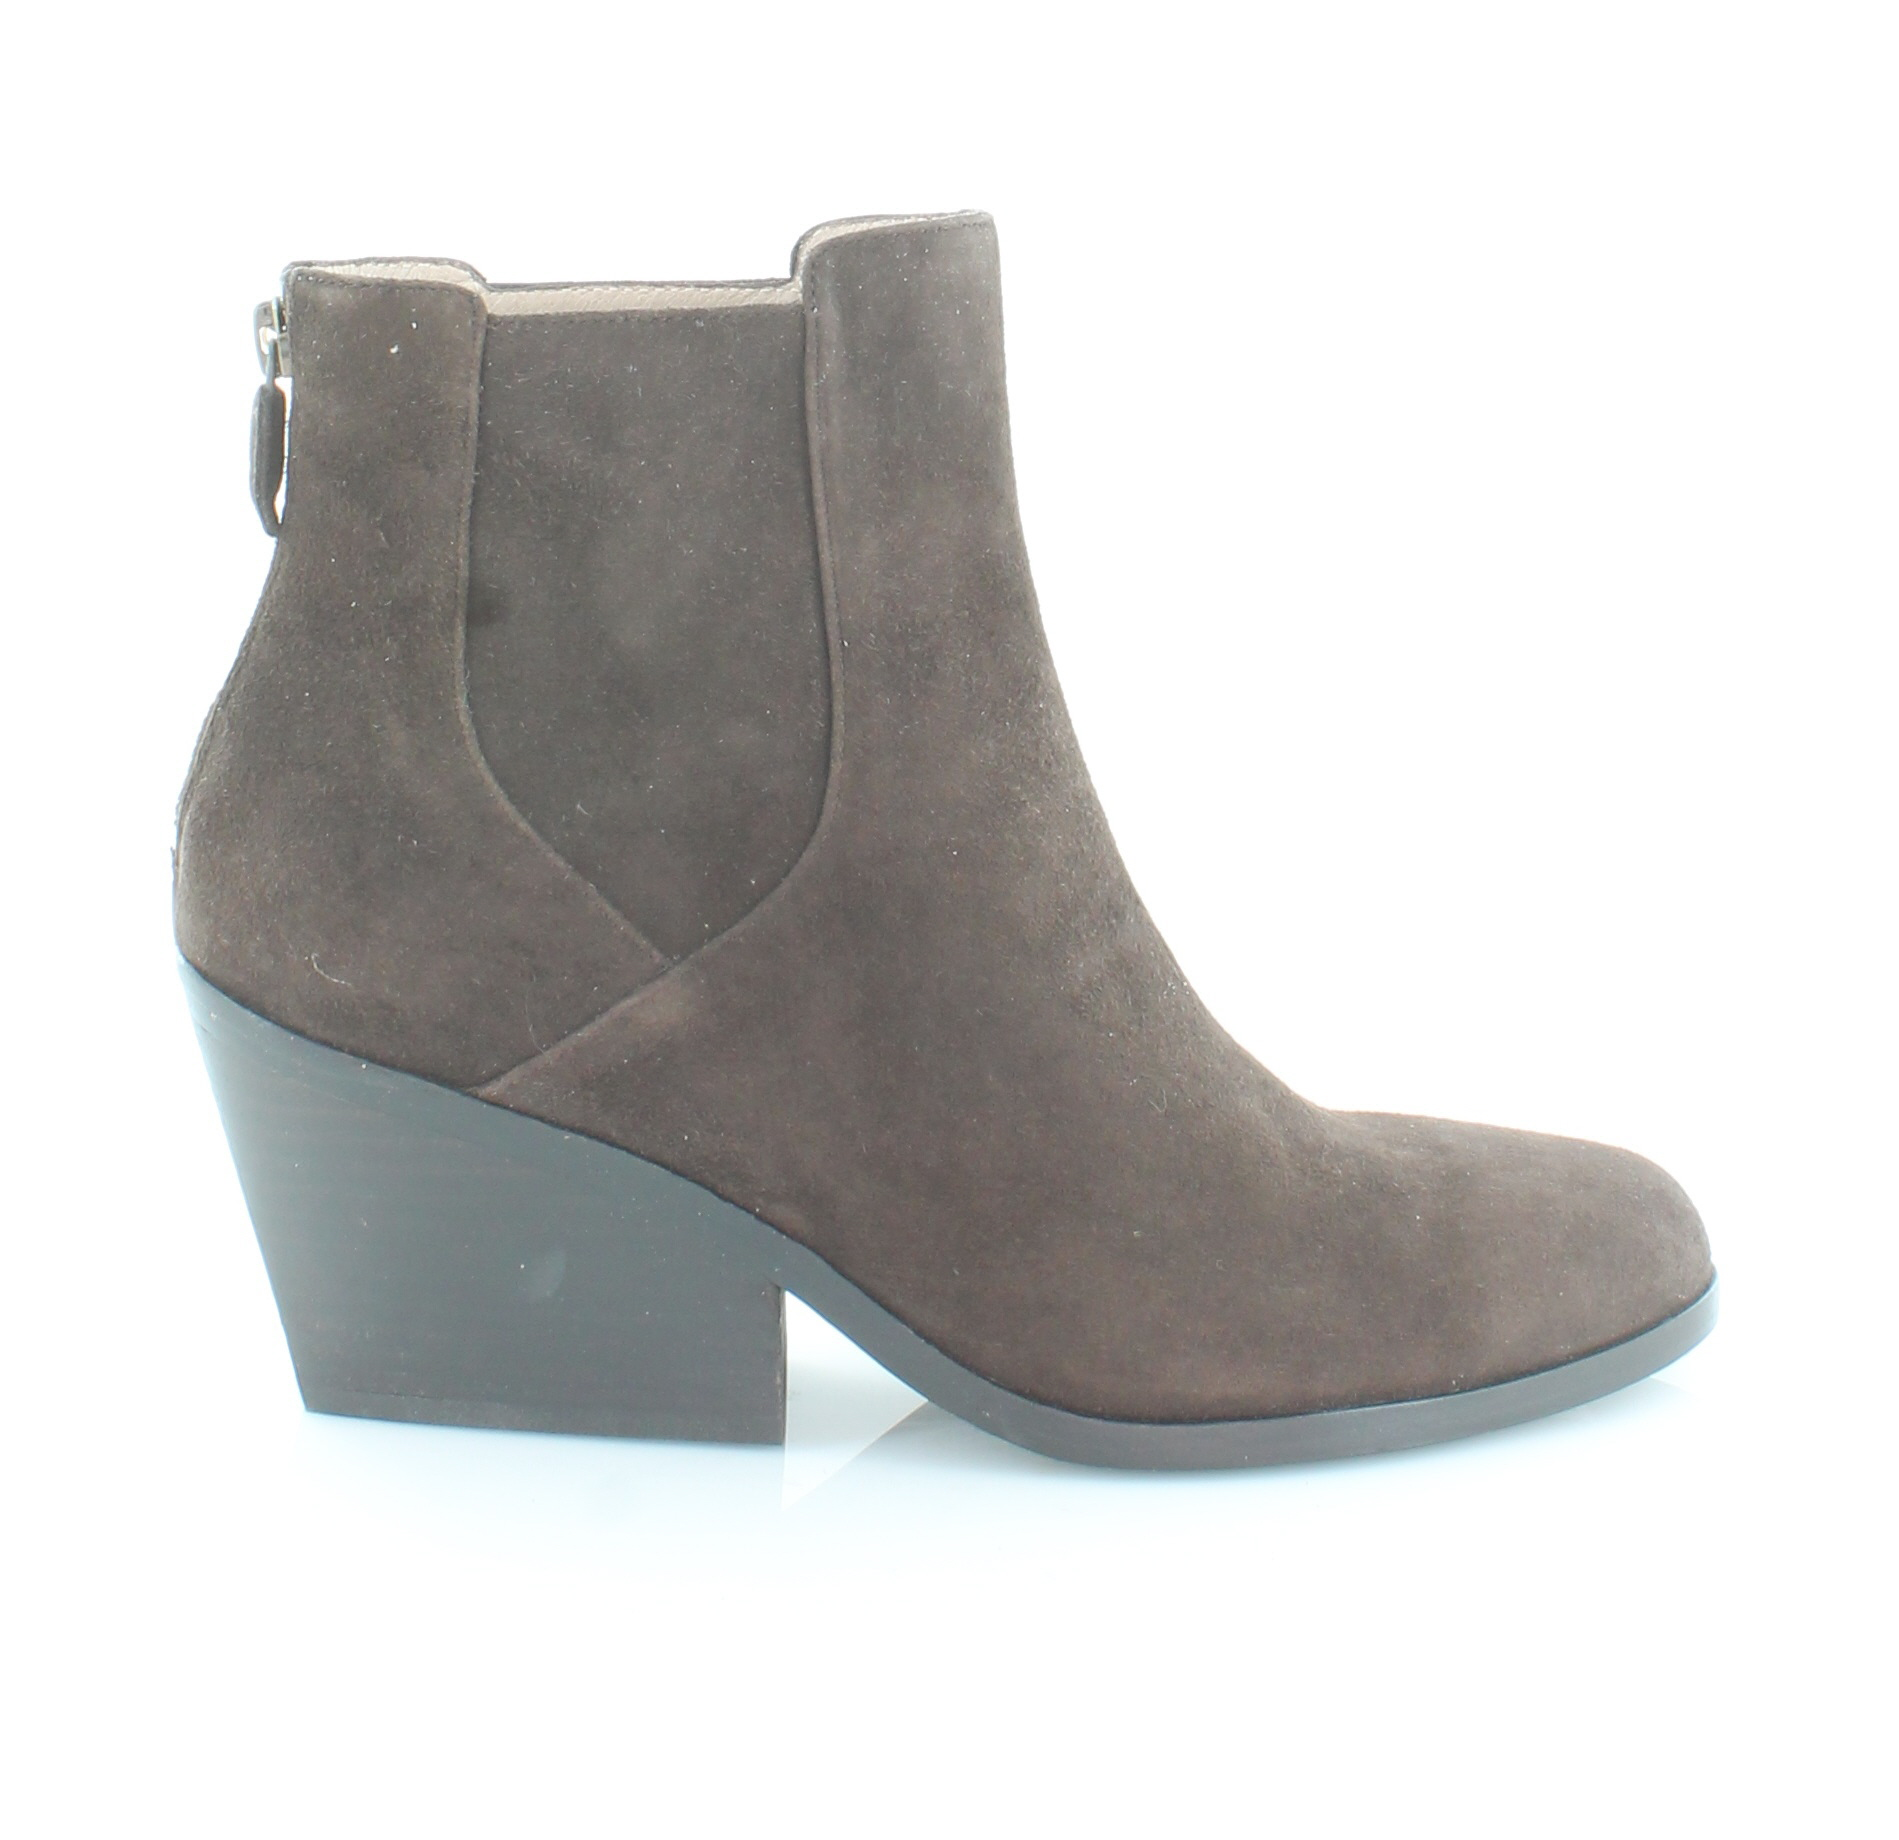 grandi prezzi scontati Eileen Fisher Peer Peer Peer Marrone donna scarpe Dimensione 8.5 M stivali MSRP  285  fino al 50% di sconto